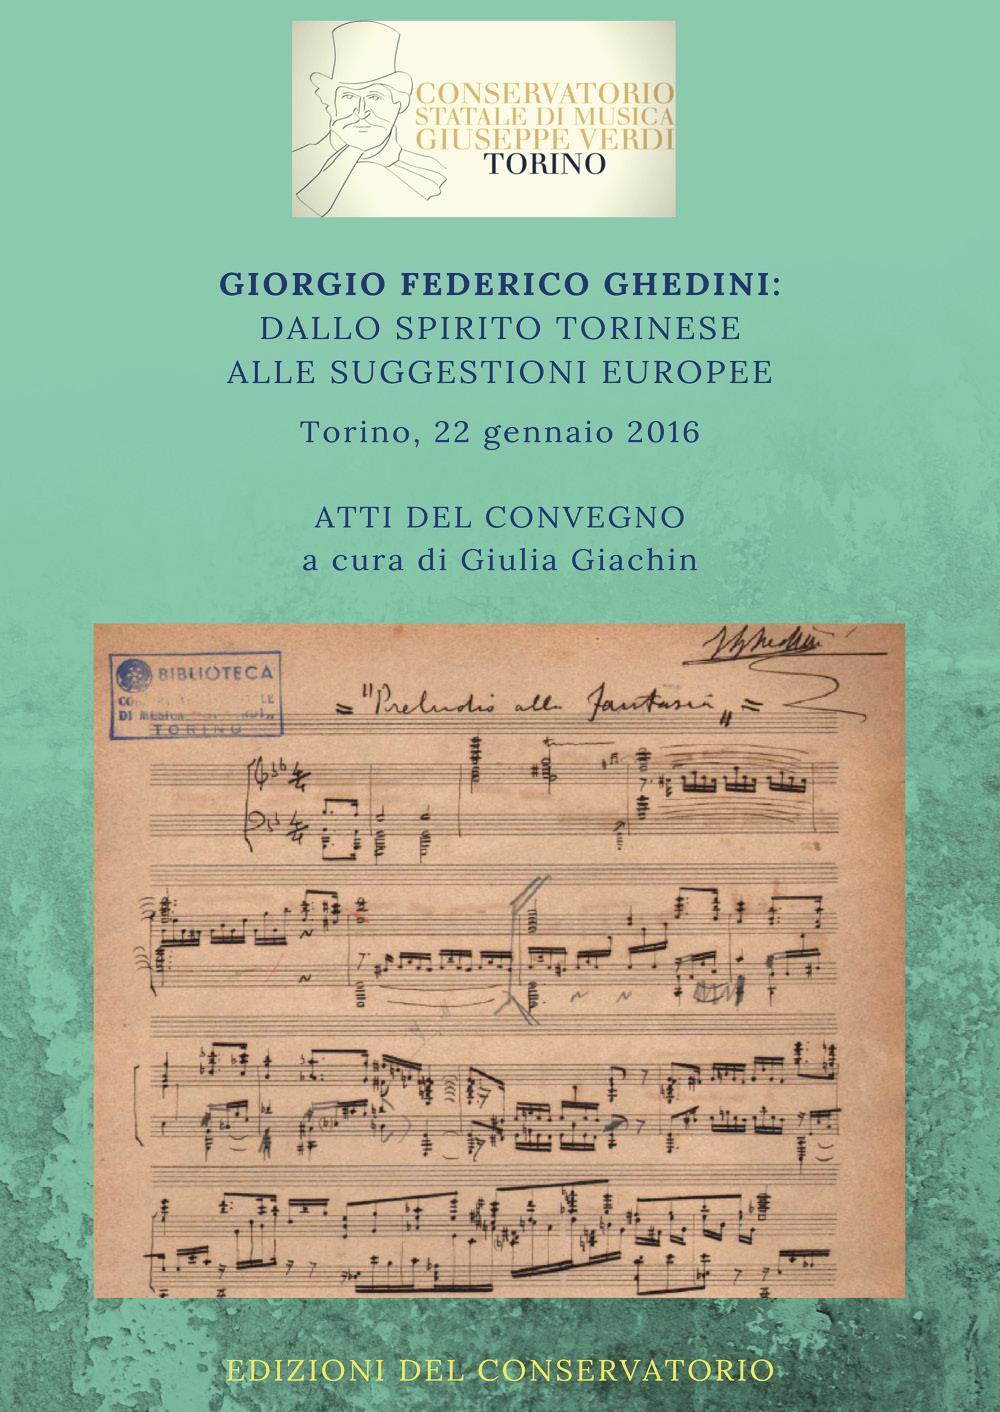 Giorgio Federico Ghedini: dallo spirito torinese alle suggestioni europee